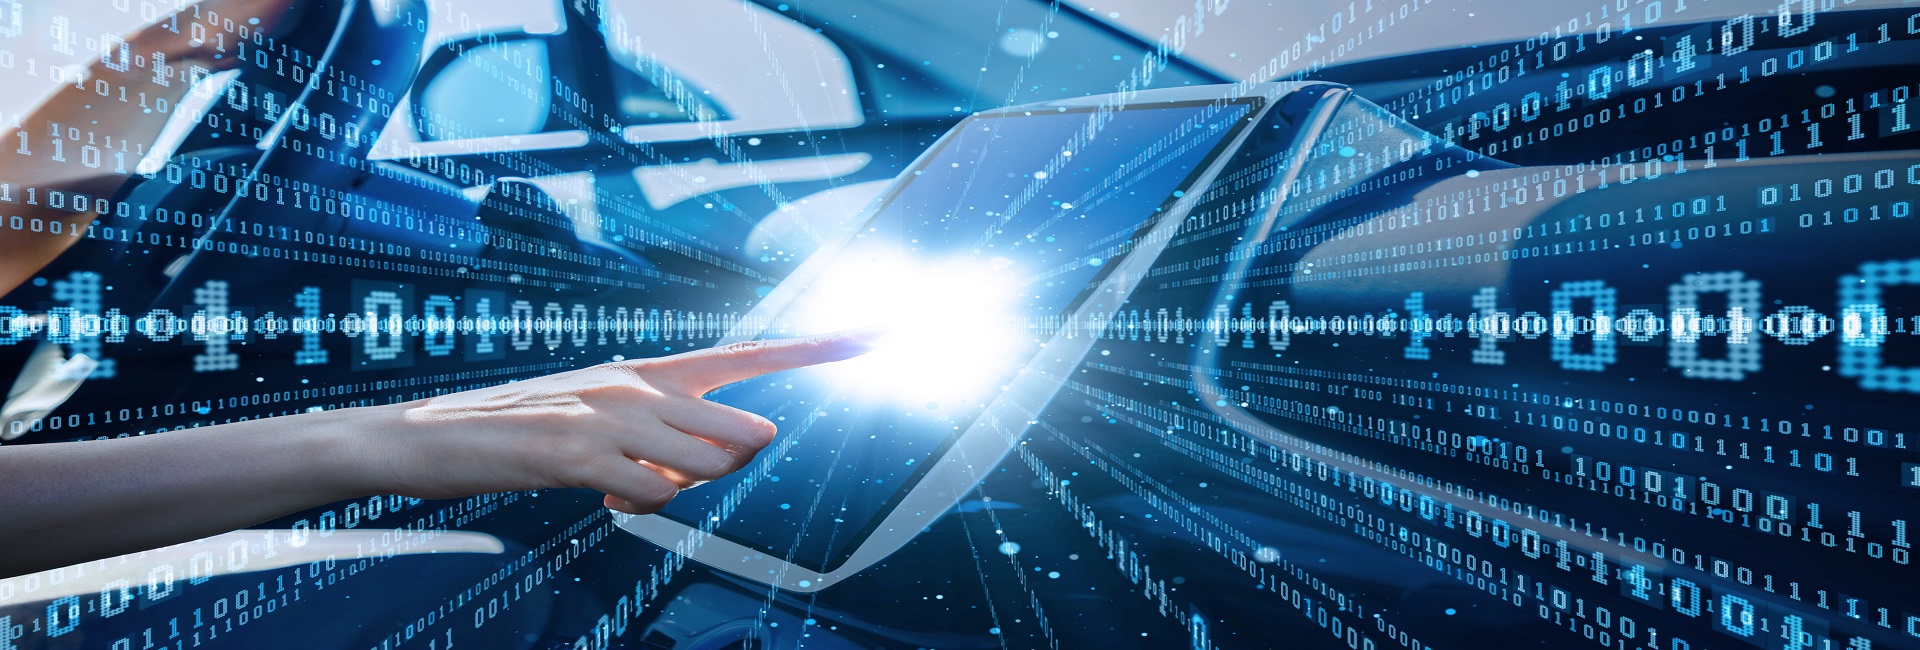 La digitalisation de la mobilité, un virage pour les ingénieurs